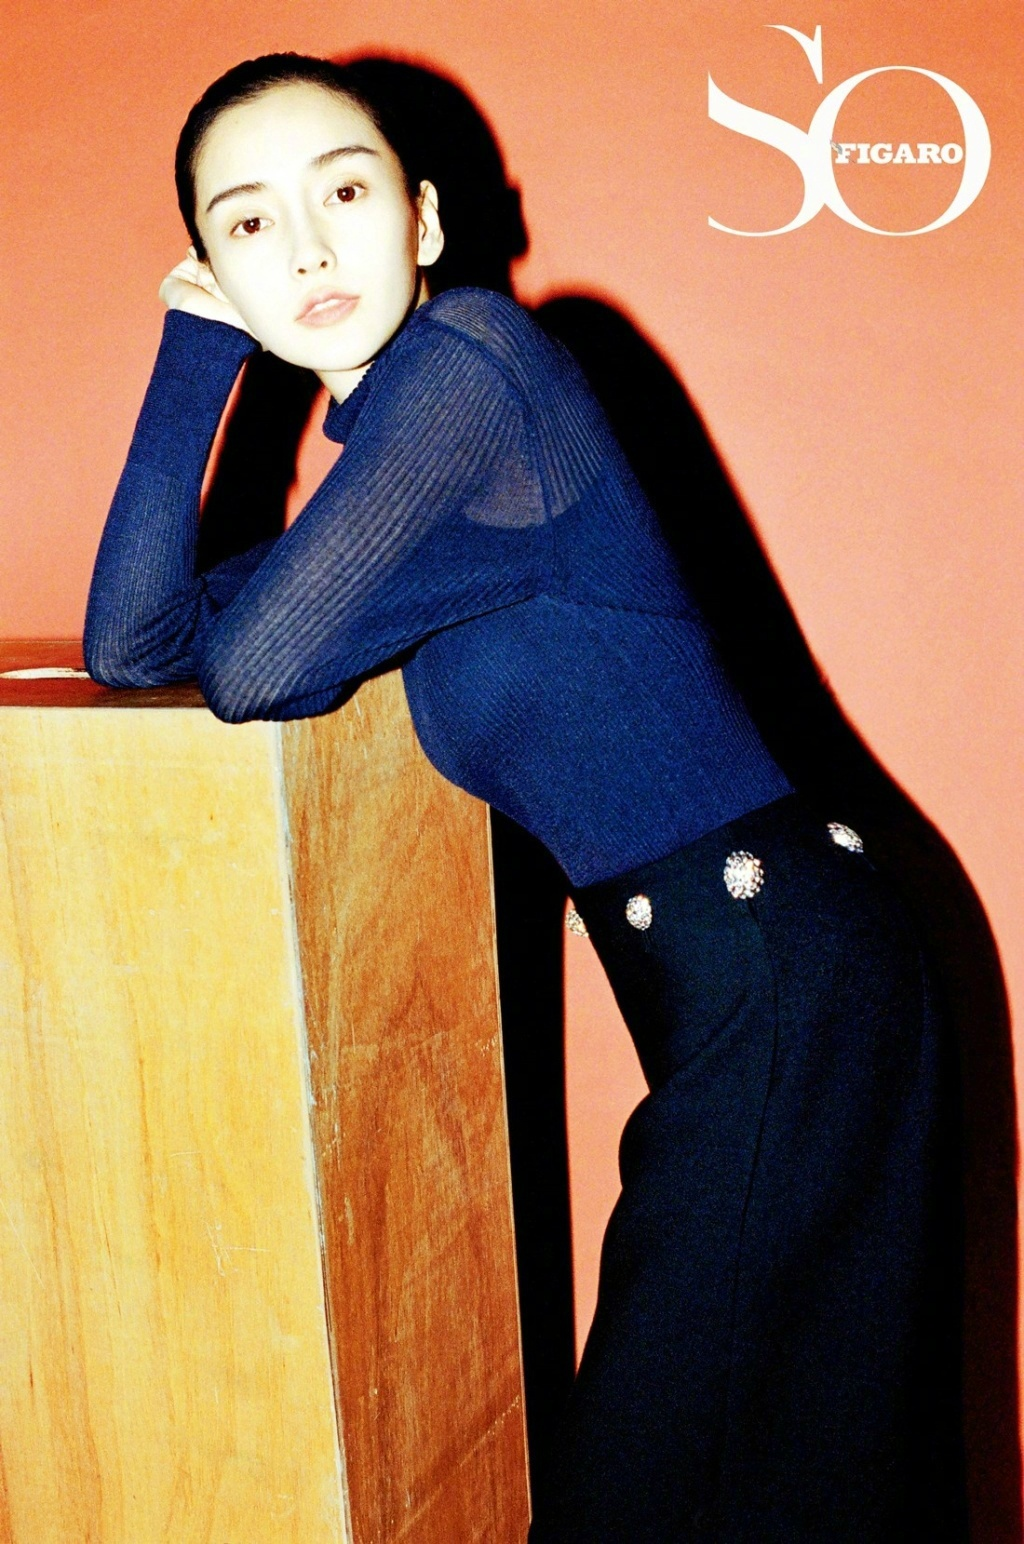 杂志大片 《So Figaro费加罗周刊》10月新刊 : Angelababy 万般难过皆有时效,杂志大片 《So Figaro费加罗周刊》10月新刊 : Angelababy 万般难过皆有时效